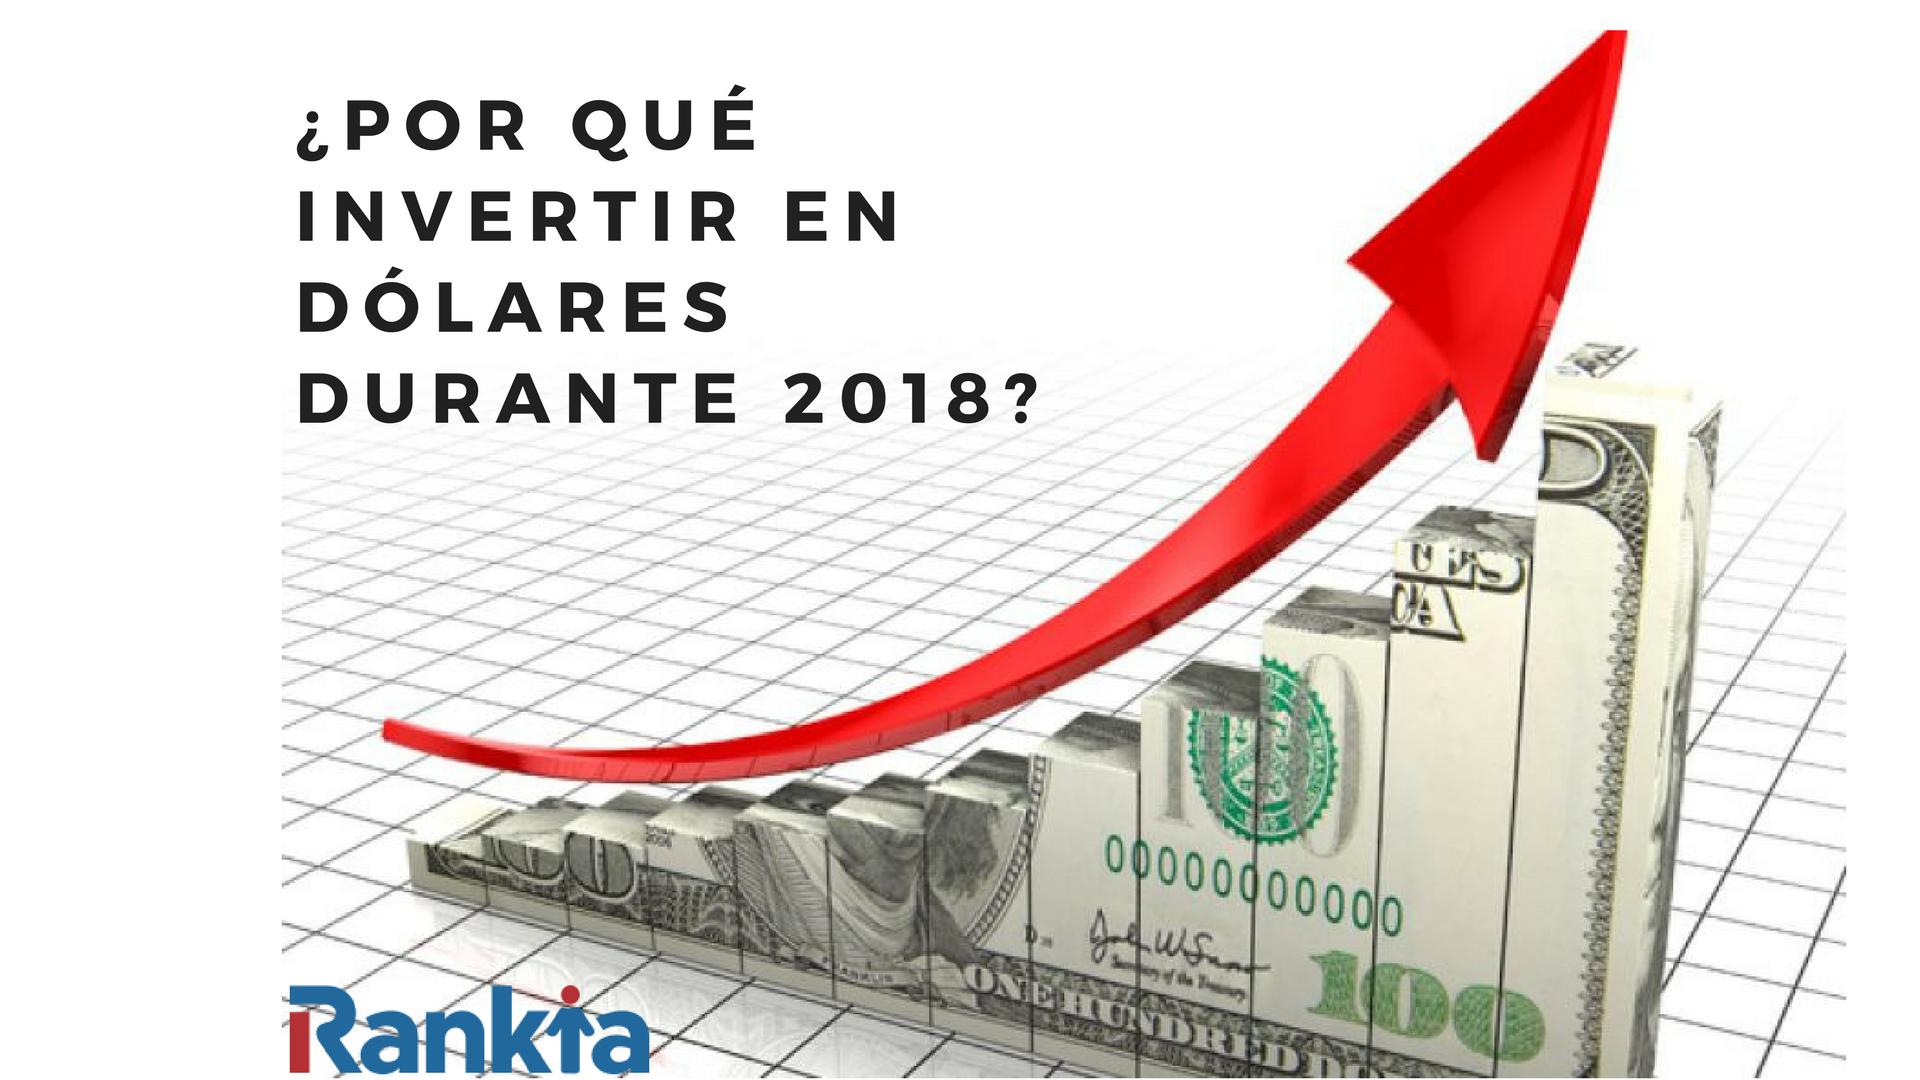 ¿Por qué invertir en dólares durante 2018?